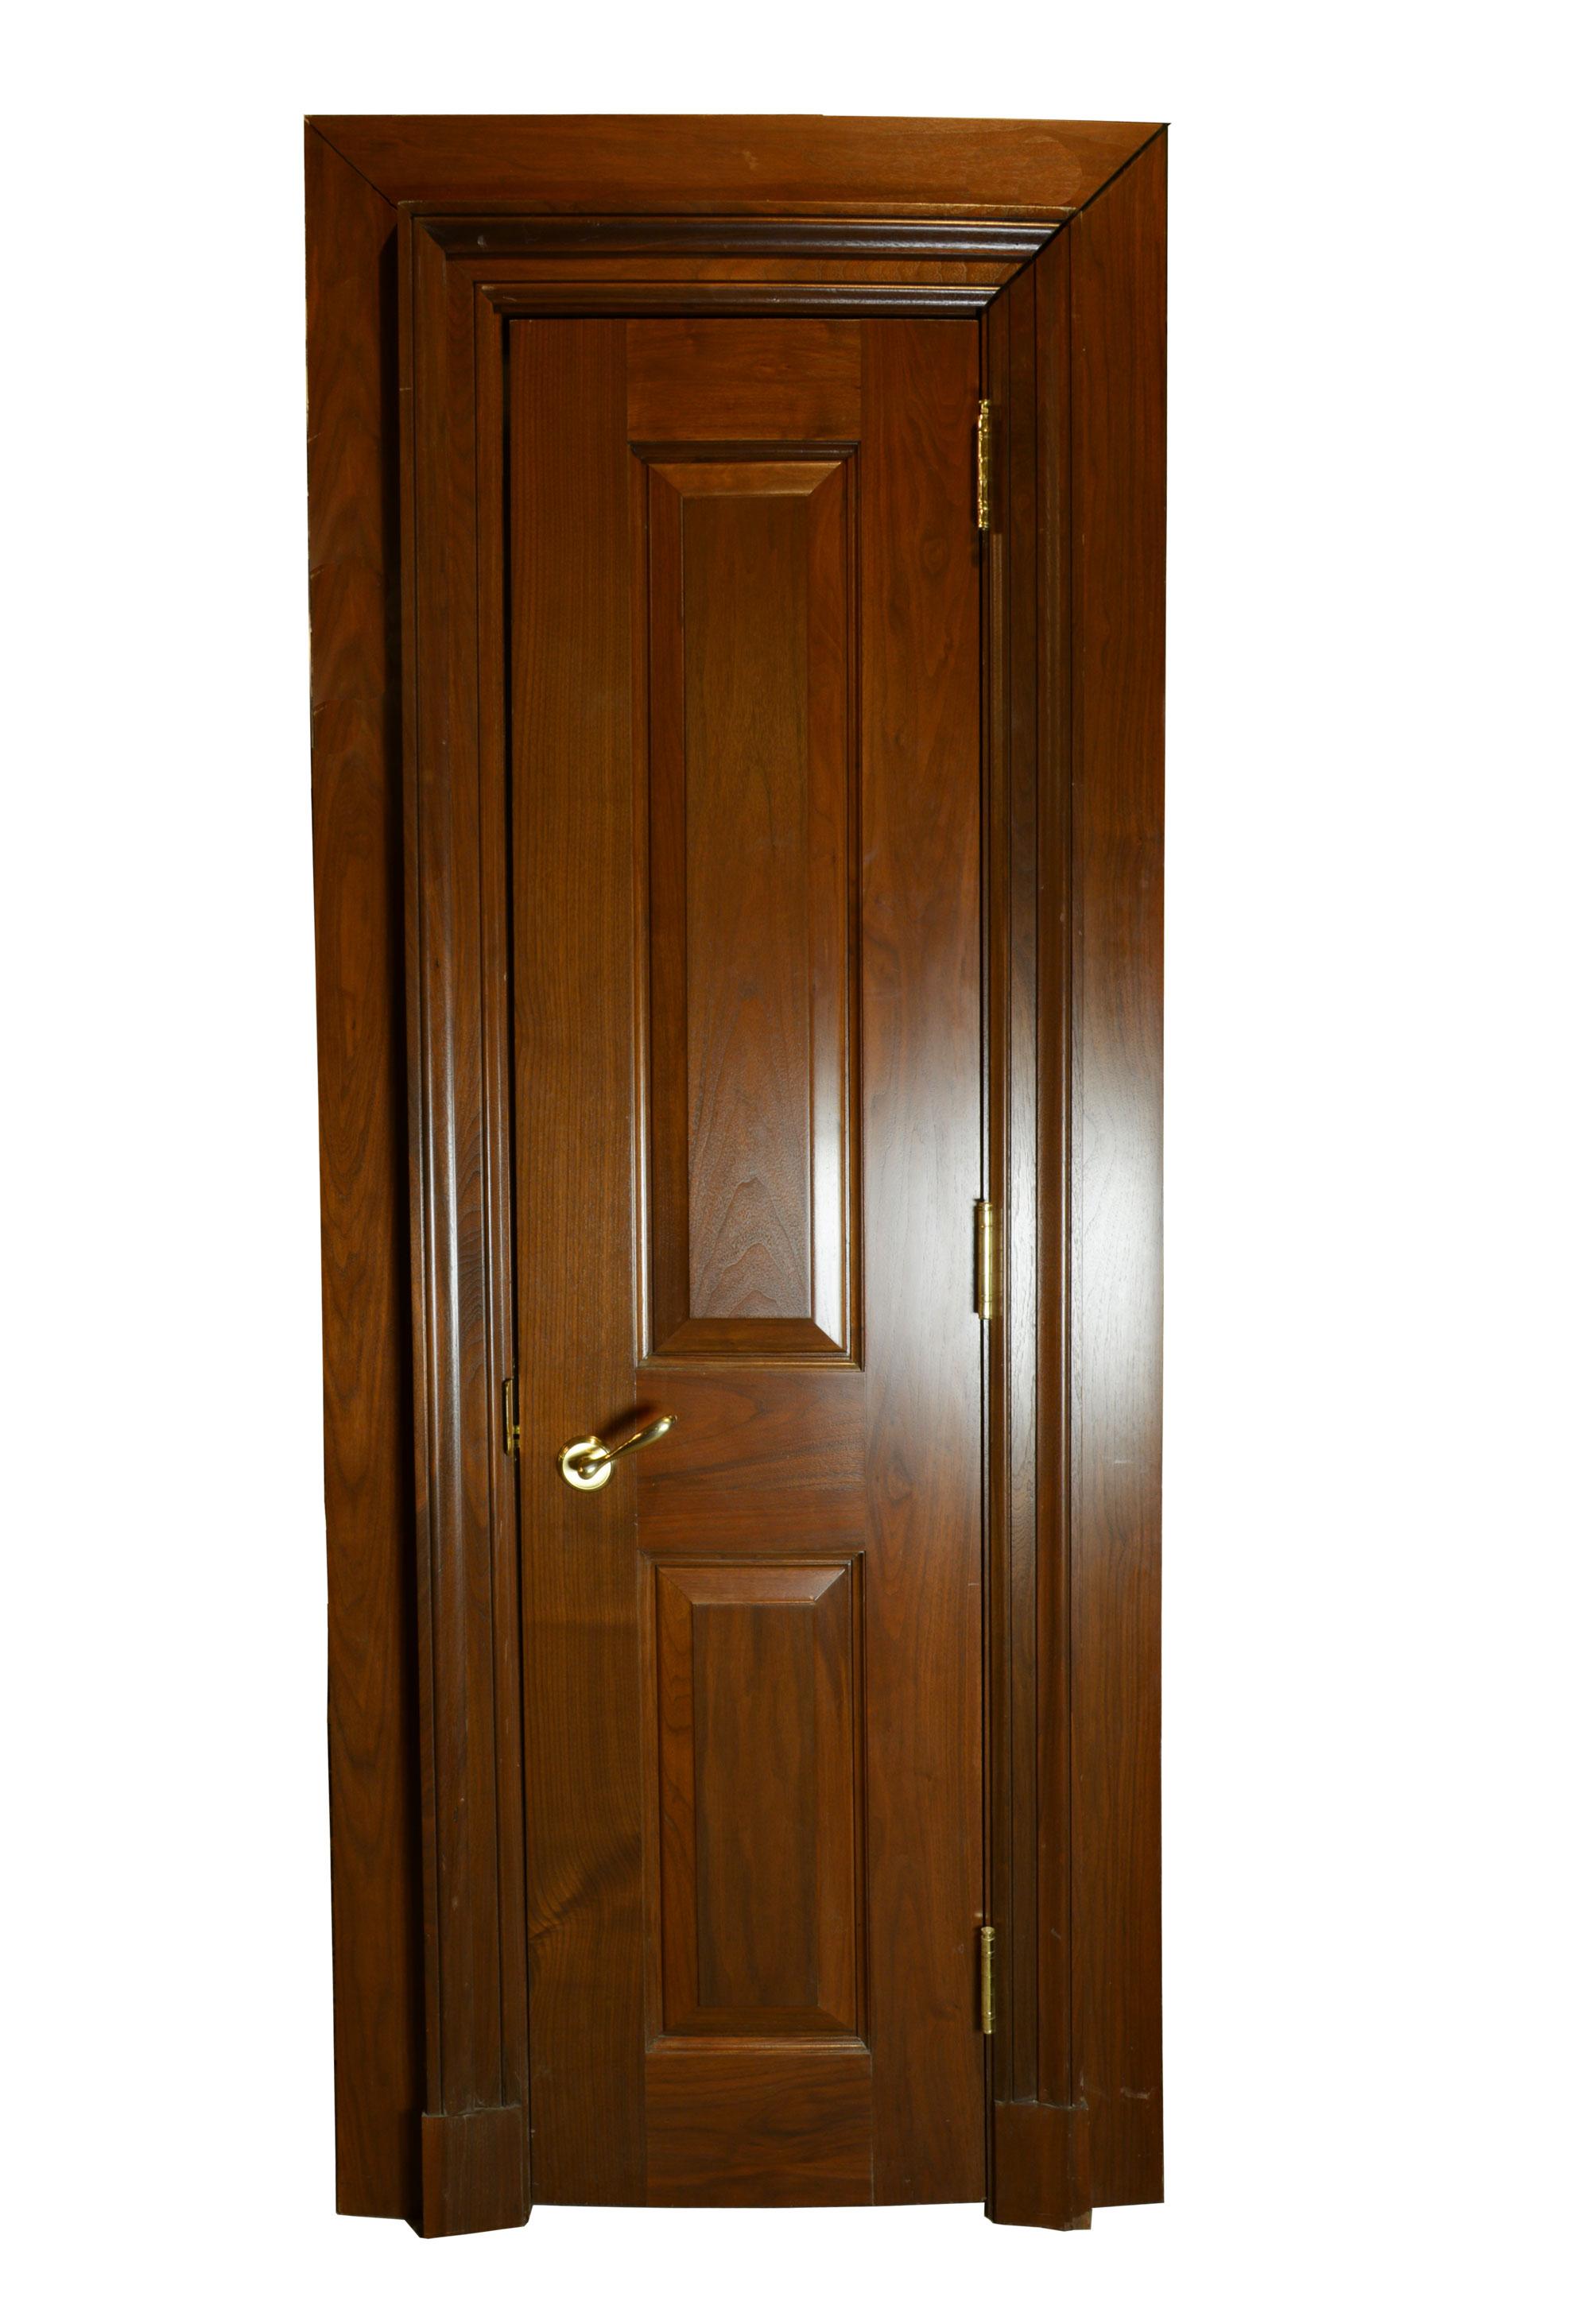 42263-walnut-closet-door-MAIN.jpg